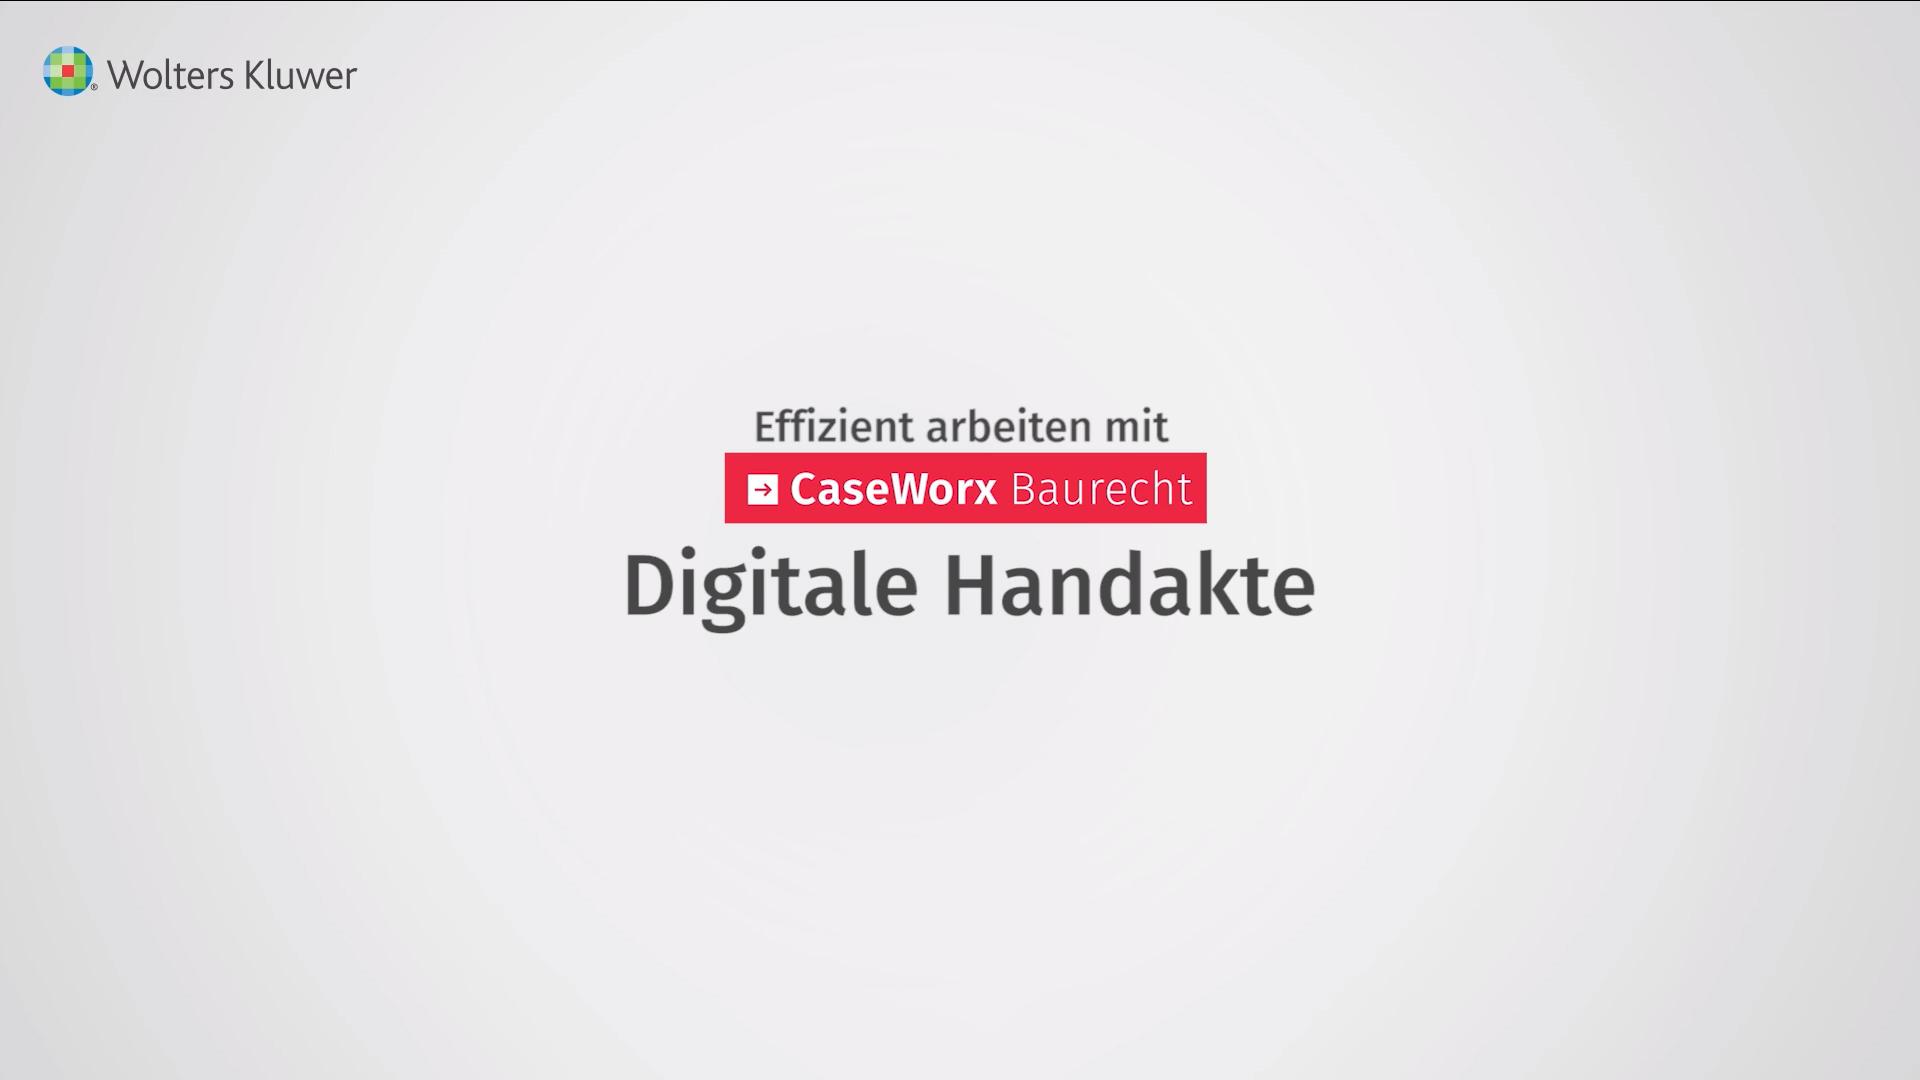 Digitale Handakte